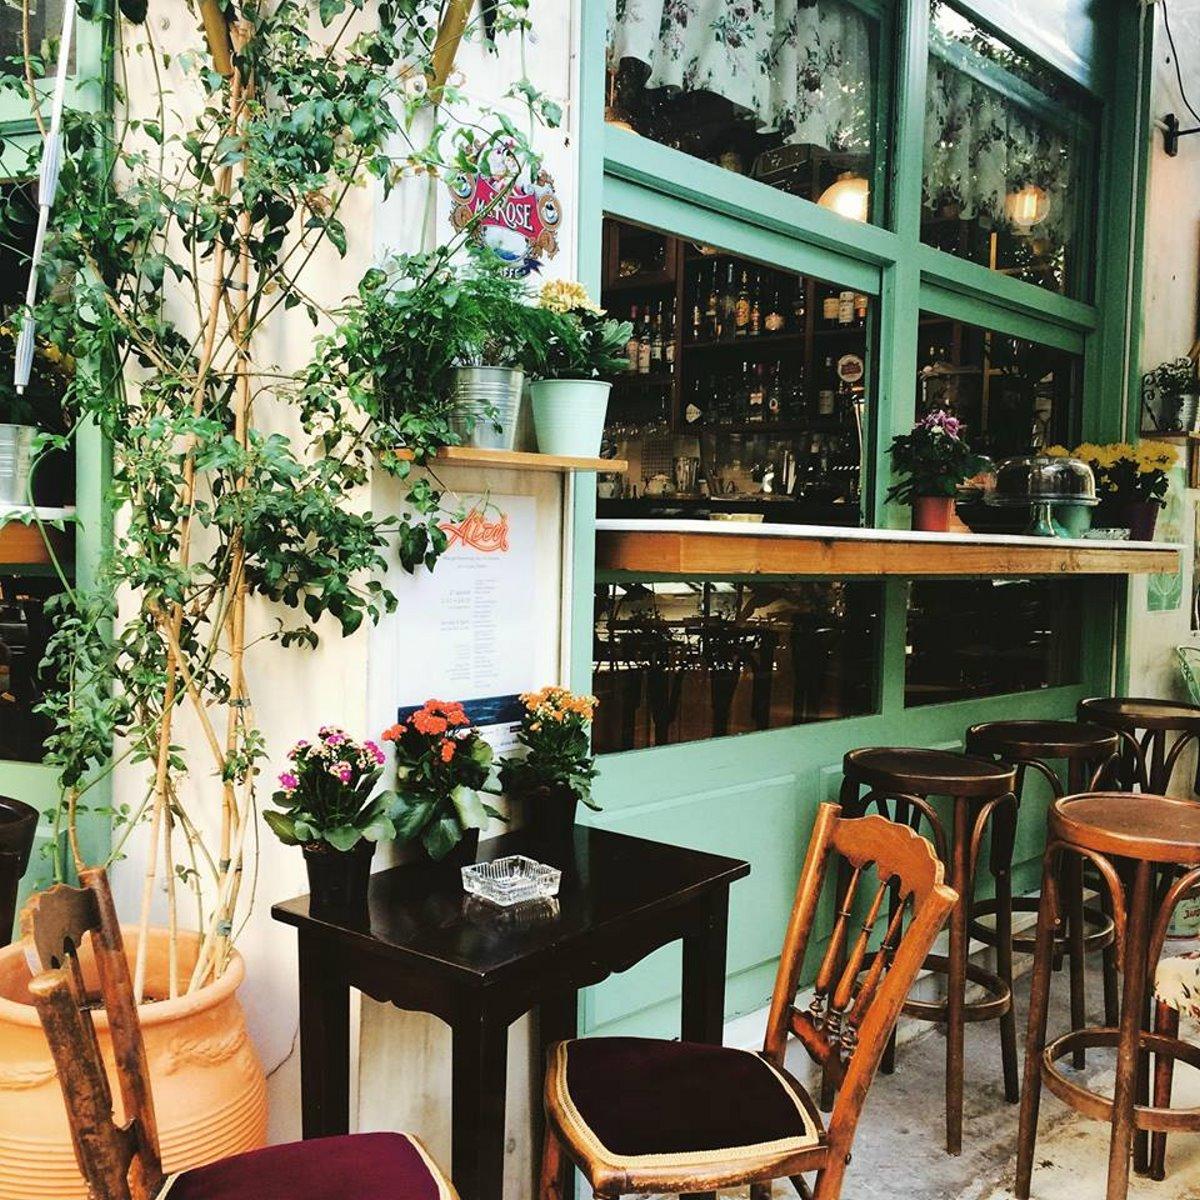 Κουκάκι από τις καλύτερες γειτονιές στον κόσμο με όμορφα μαγαζάκια